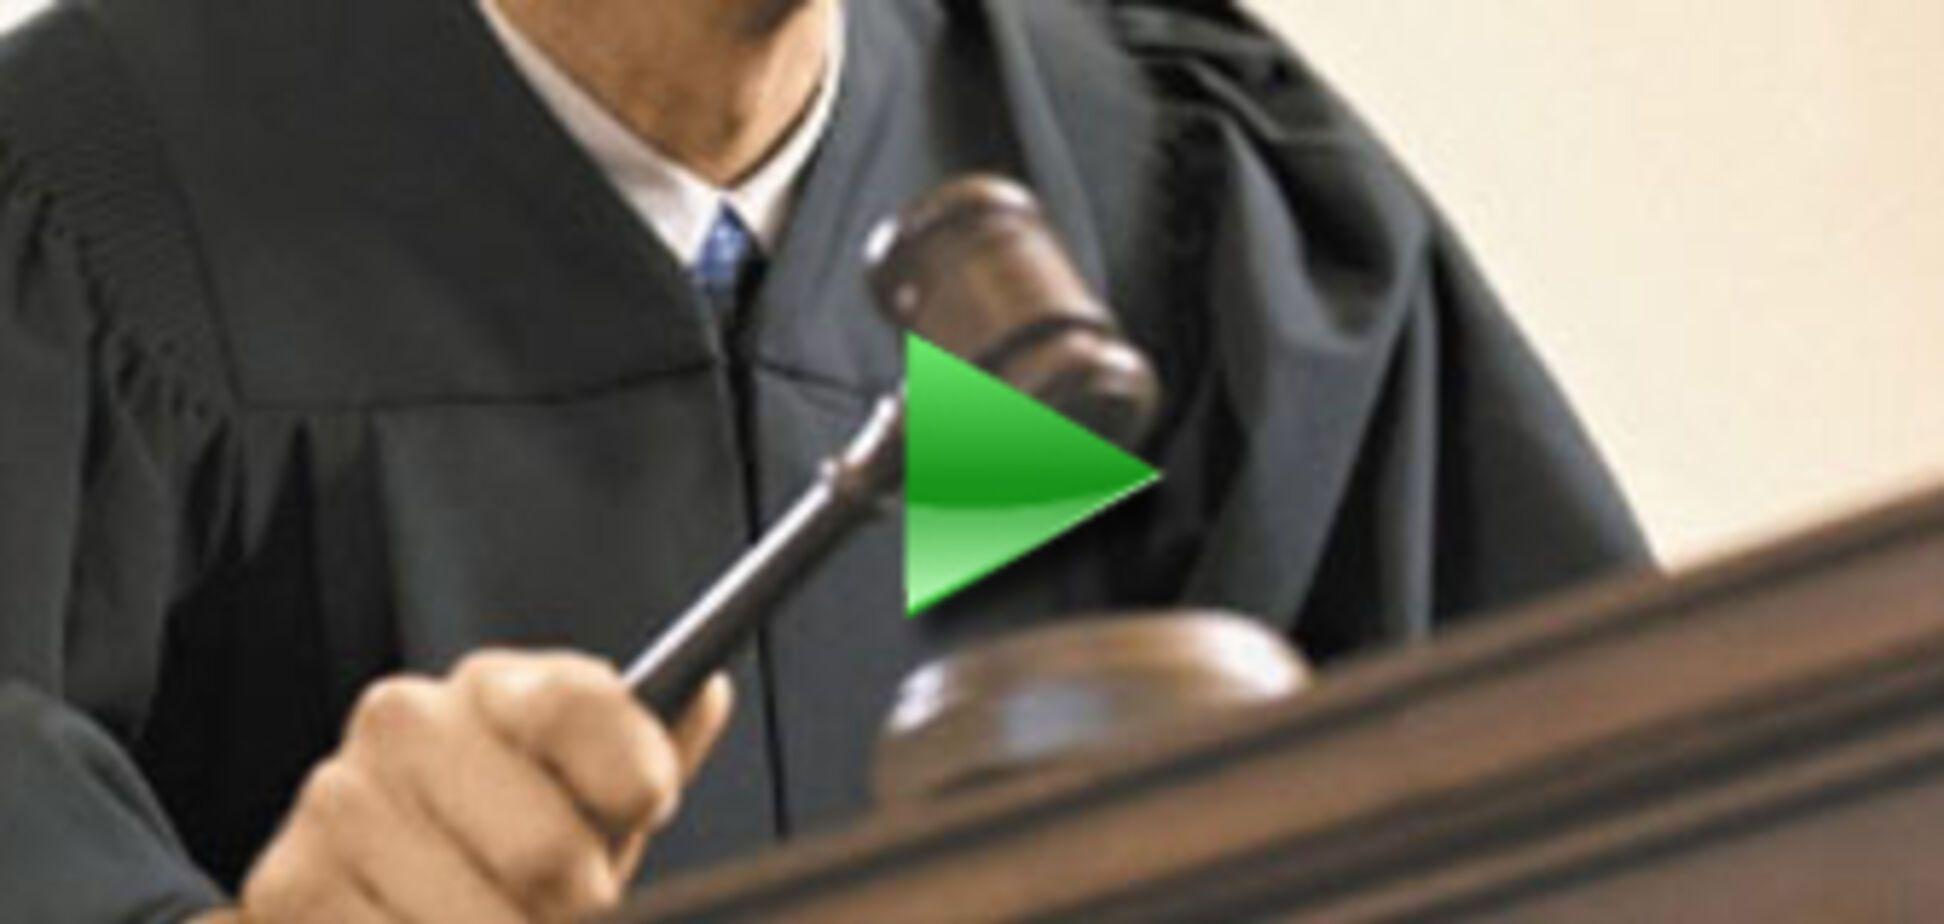 Судді готові оголосити вирок у справі Гонгадзе